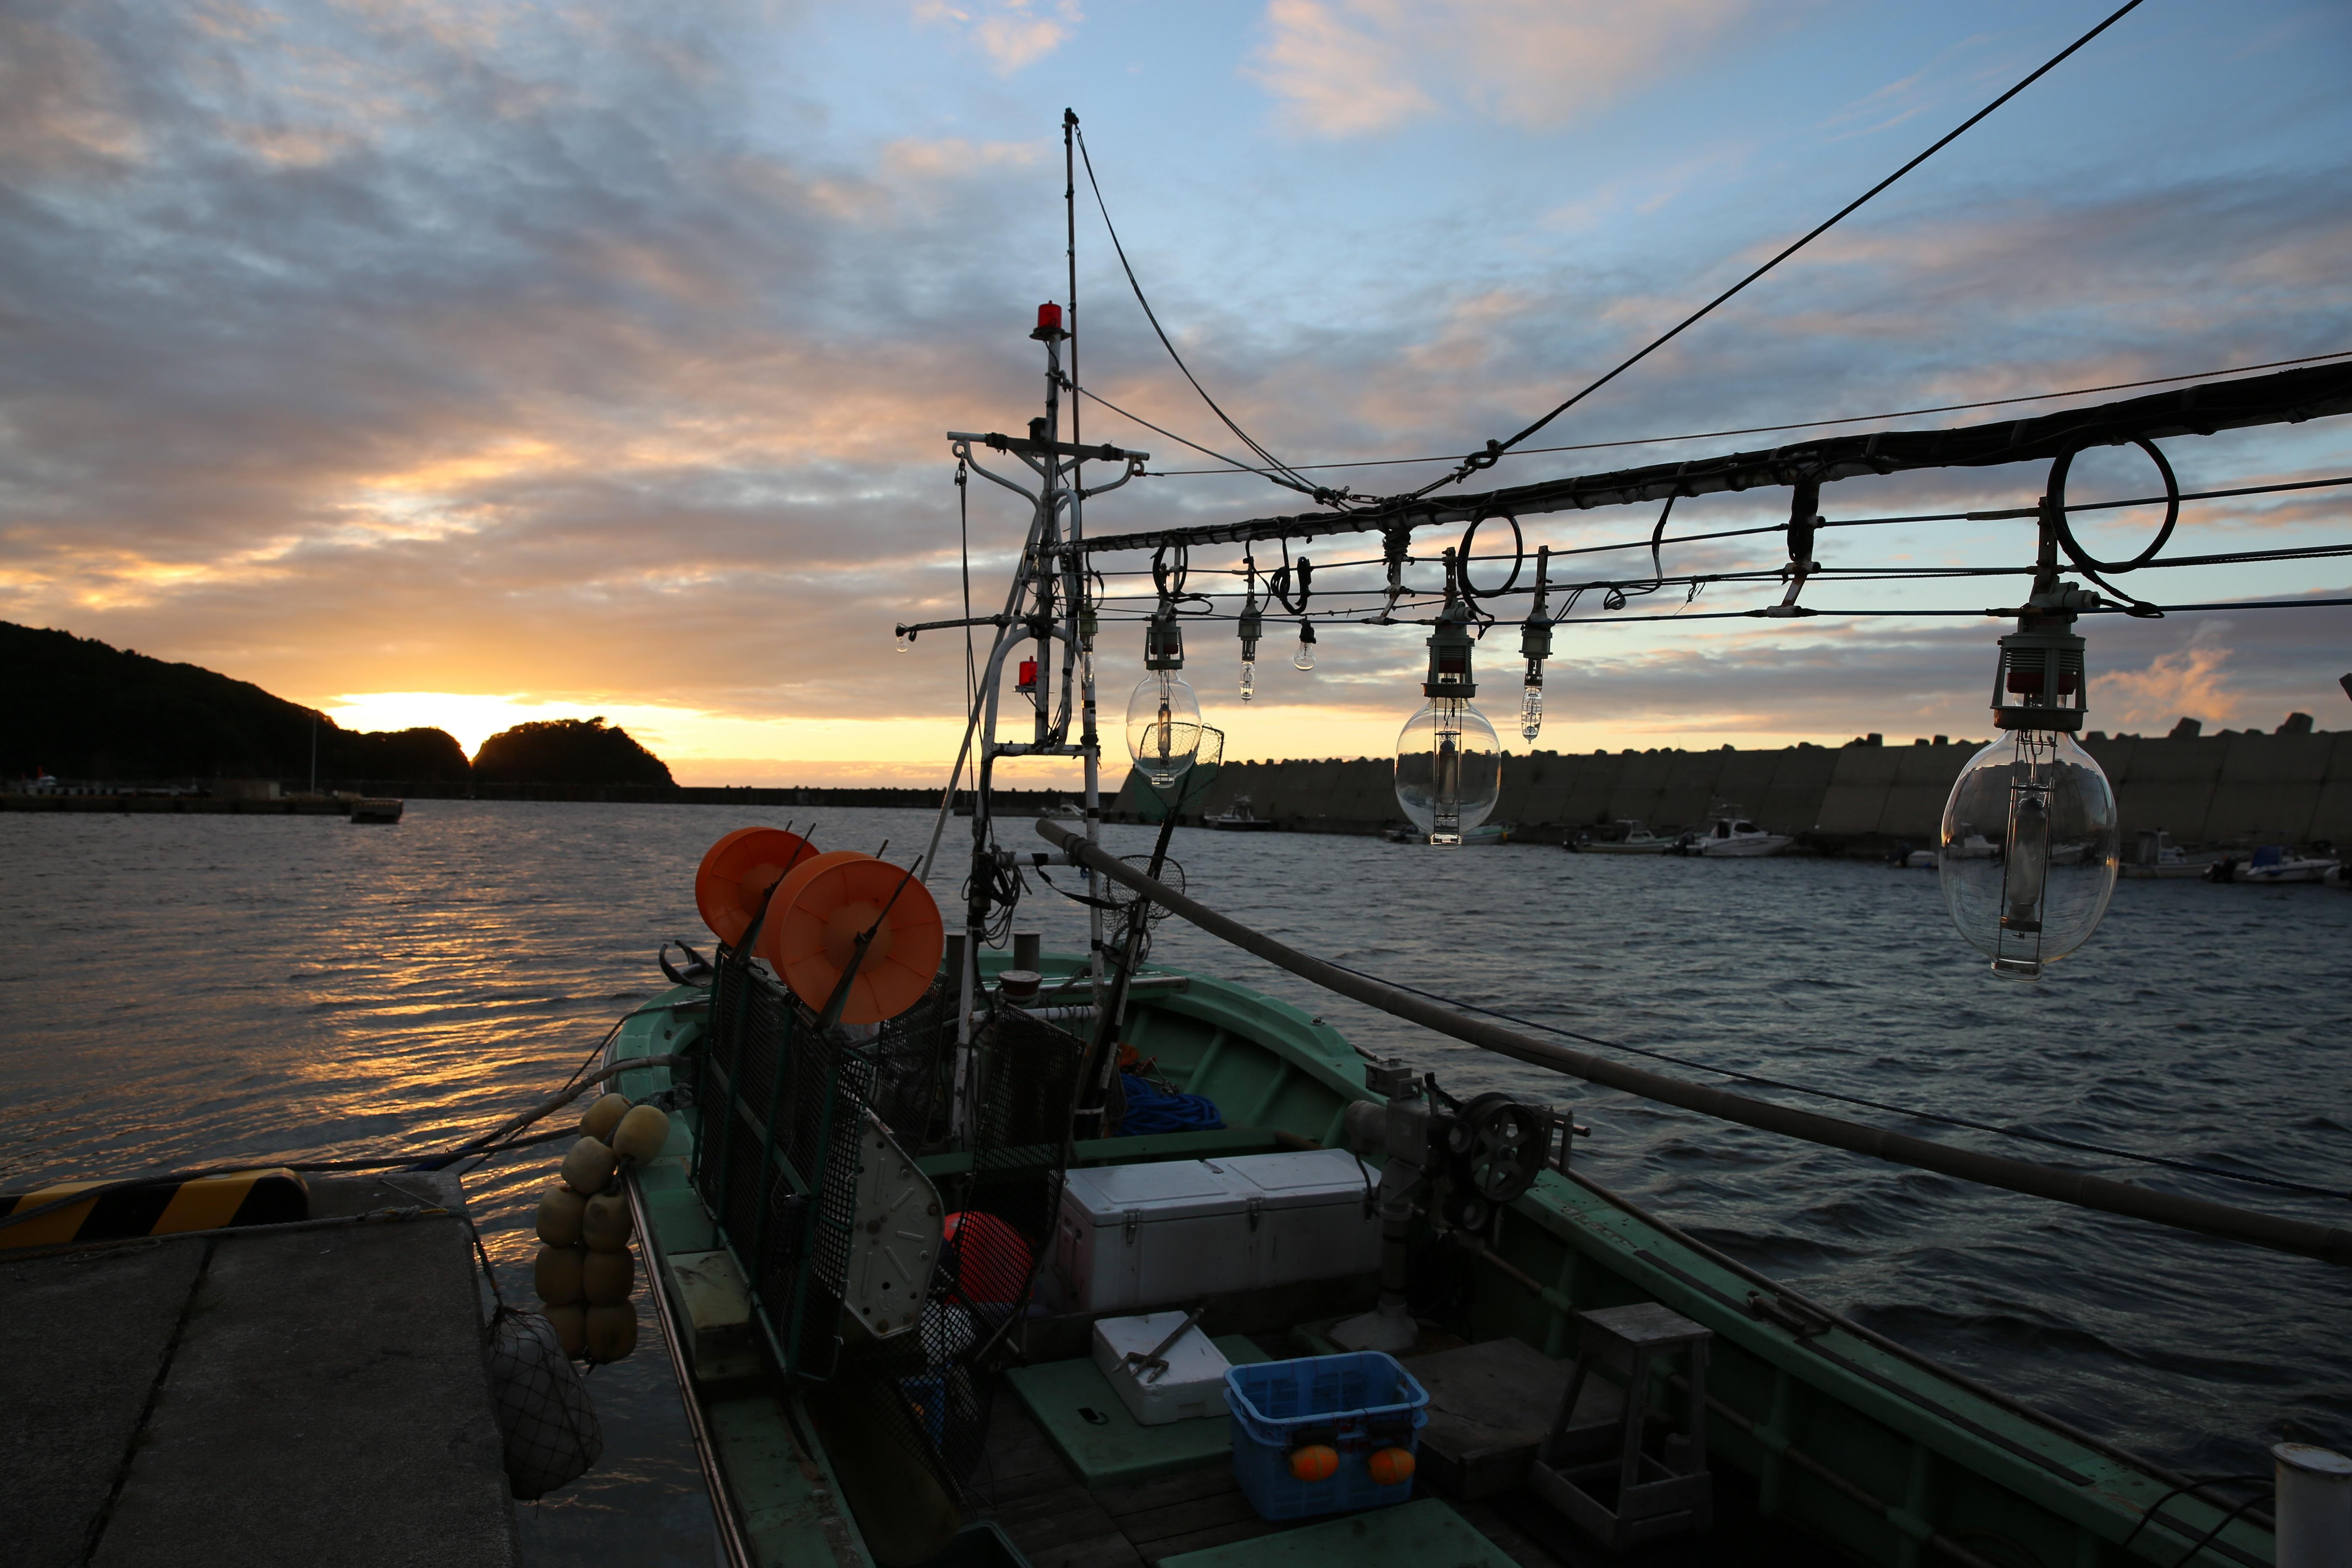 ウスメバルの漁